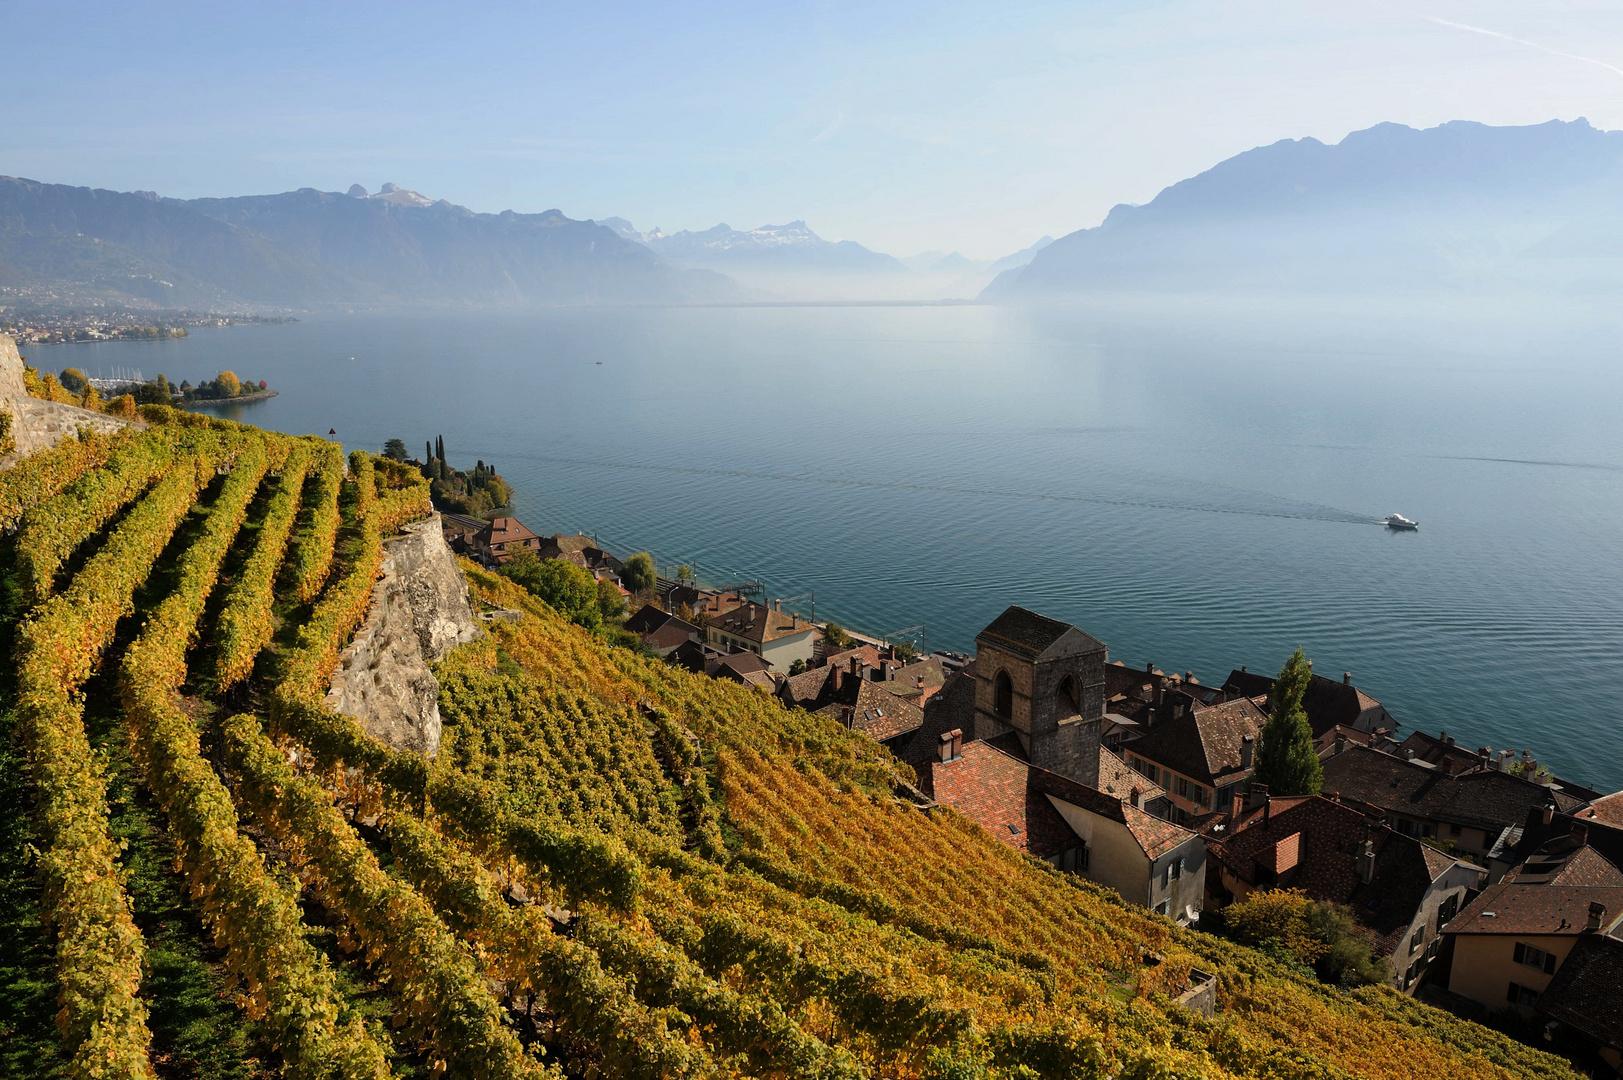 Le vignoble du Lavaux et le lac Léman